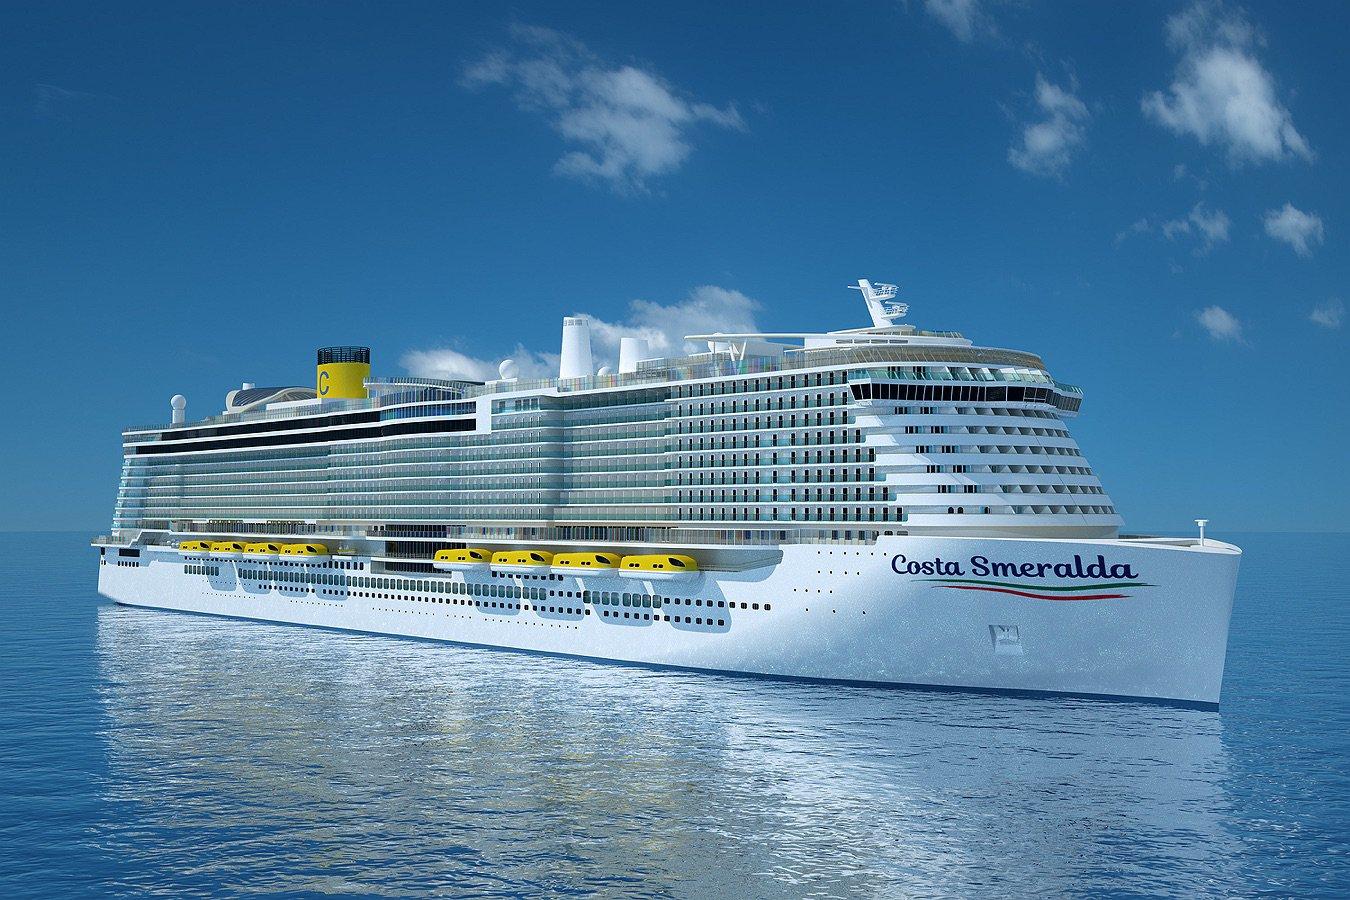 Lastminuteclick – лучшее туристическое агентство Италии, предлагающее своим клиентам качественные круизы по морю на лайнере по справедливым ценам.